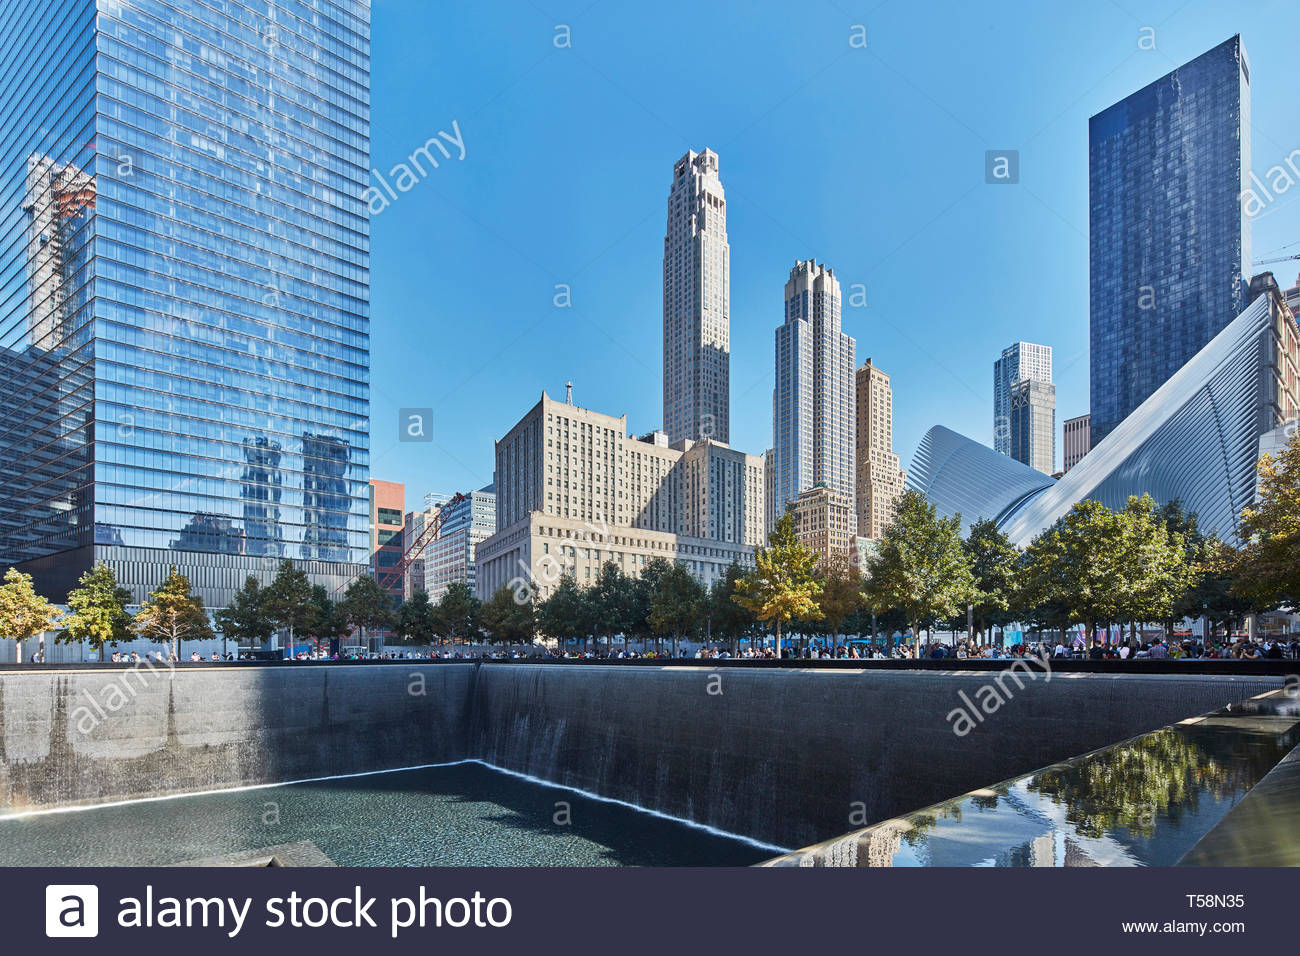 Ground Zero Memorial e occhio. L'occhio, World Trade Center Hub di trasporto, la città di New York, Stati Uniti. L'Architetto Santiago Calatrava, 2016. Foto Stock